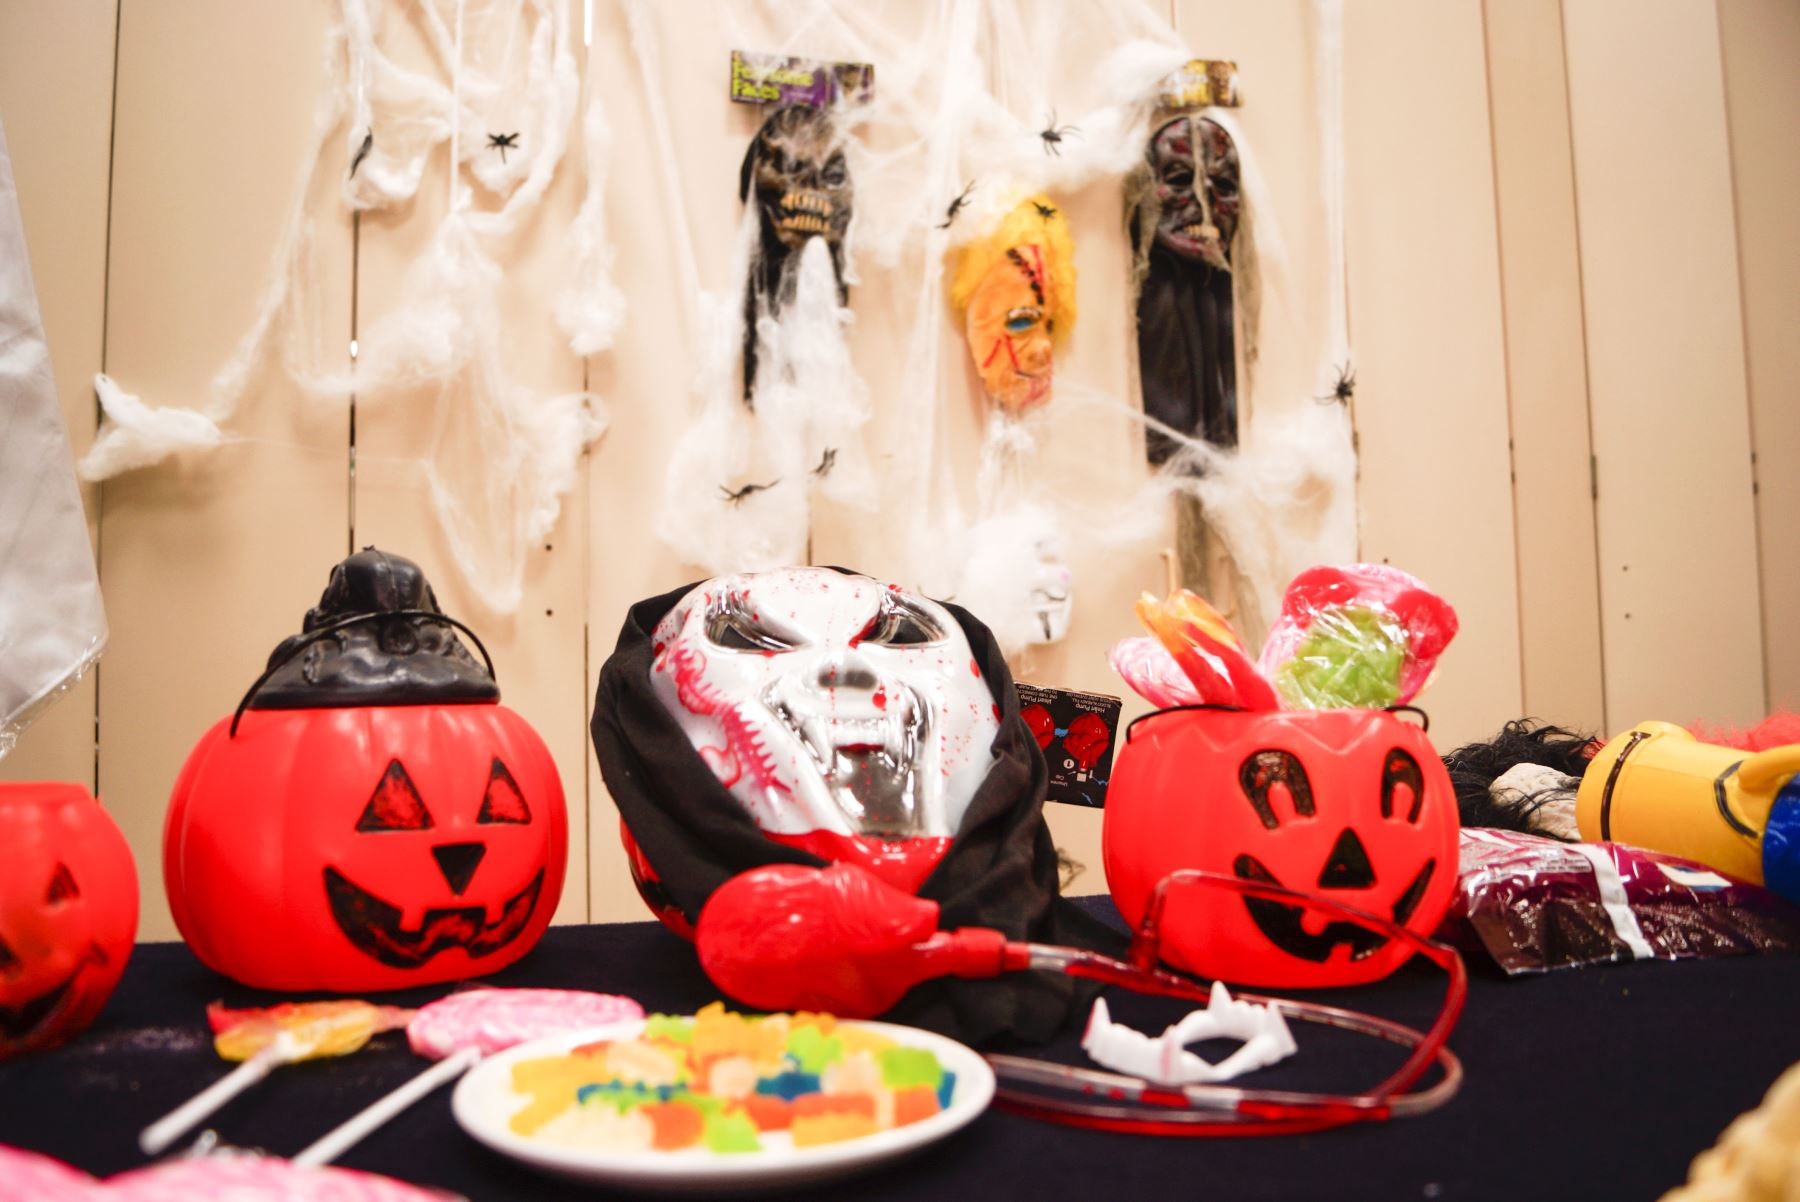 Debido al actual contexto, Digesa recomienda celebrar la festividad de Halloween en casa, compartiendo con la familia. Foto: Digesa